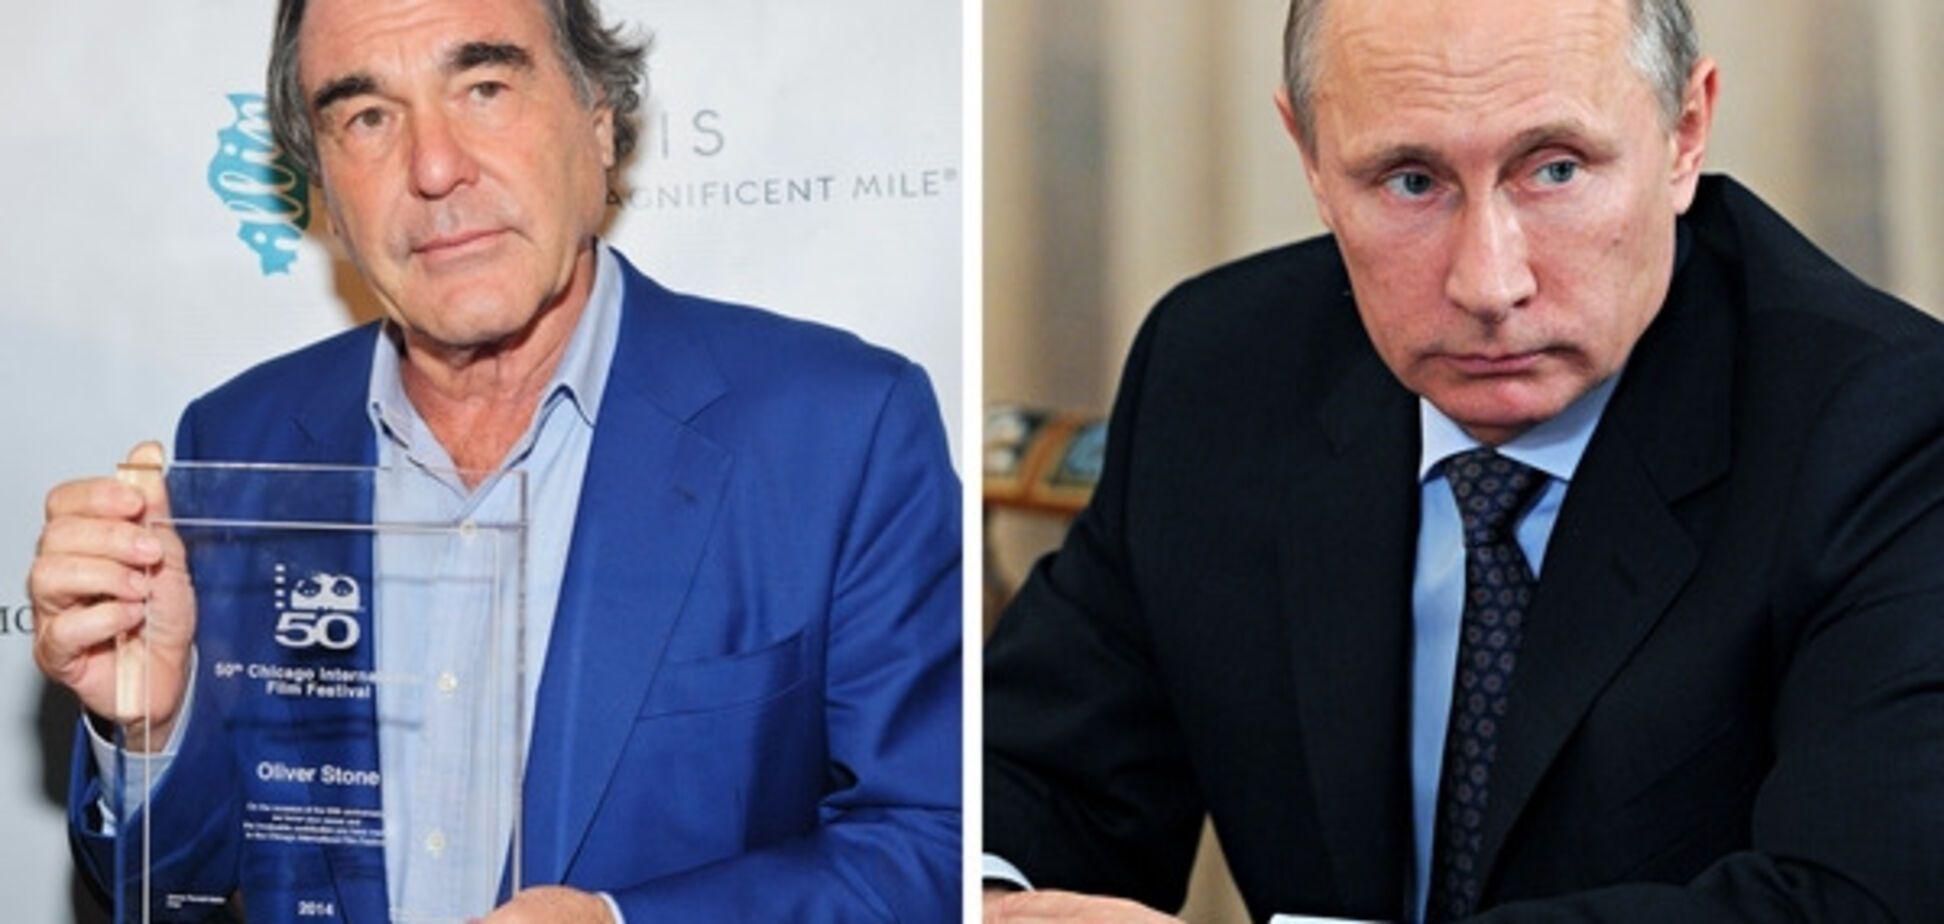 Чому Стоун закохався в Путіна: з'явилися цікаві пояснення